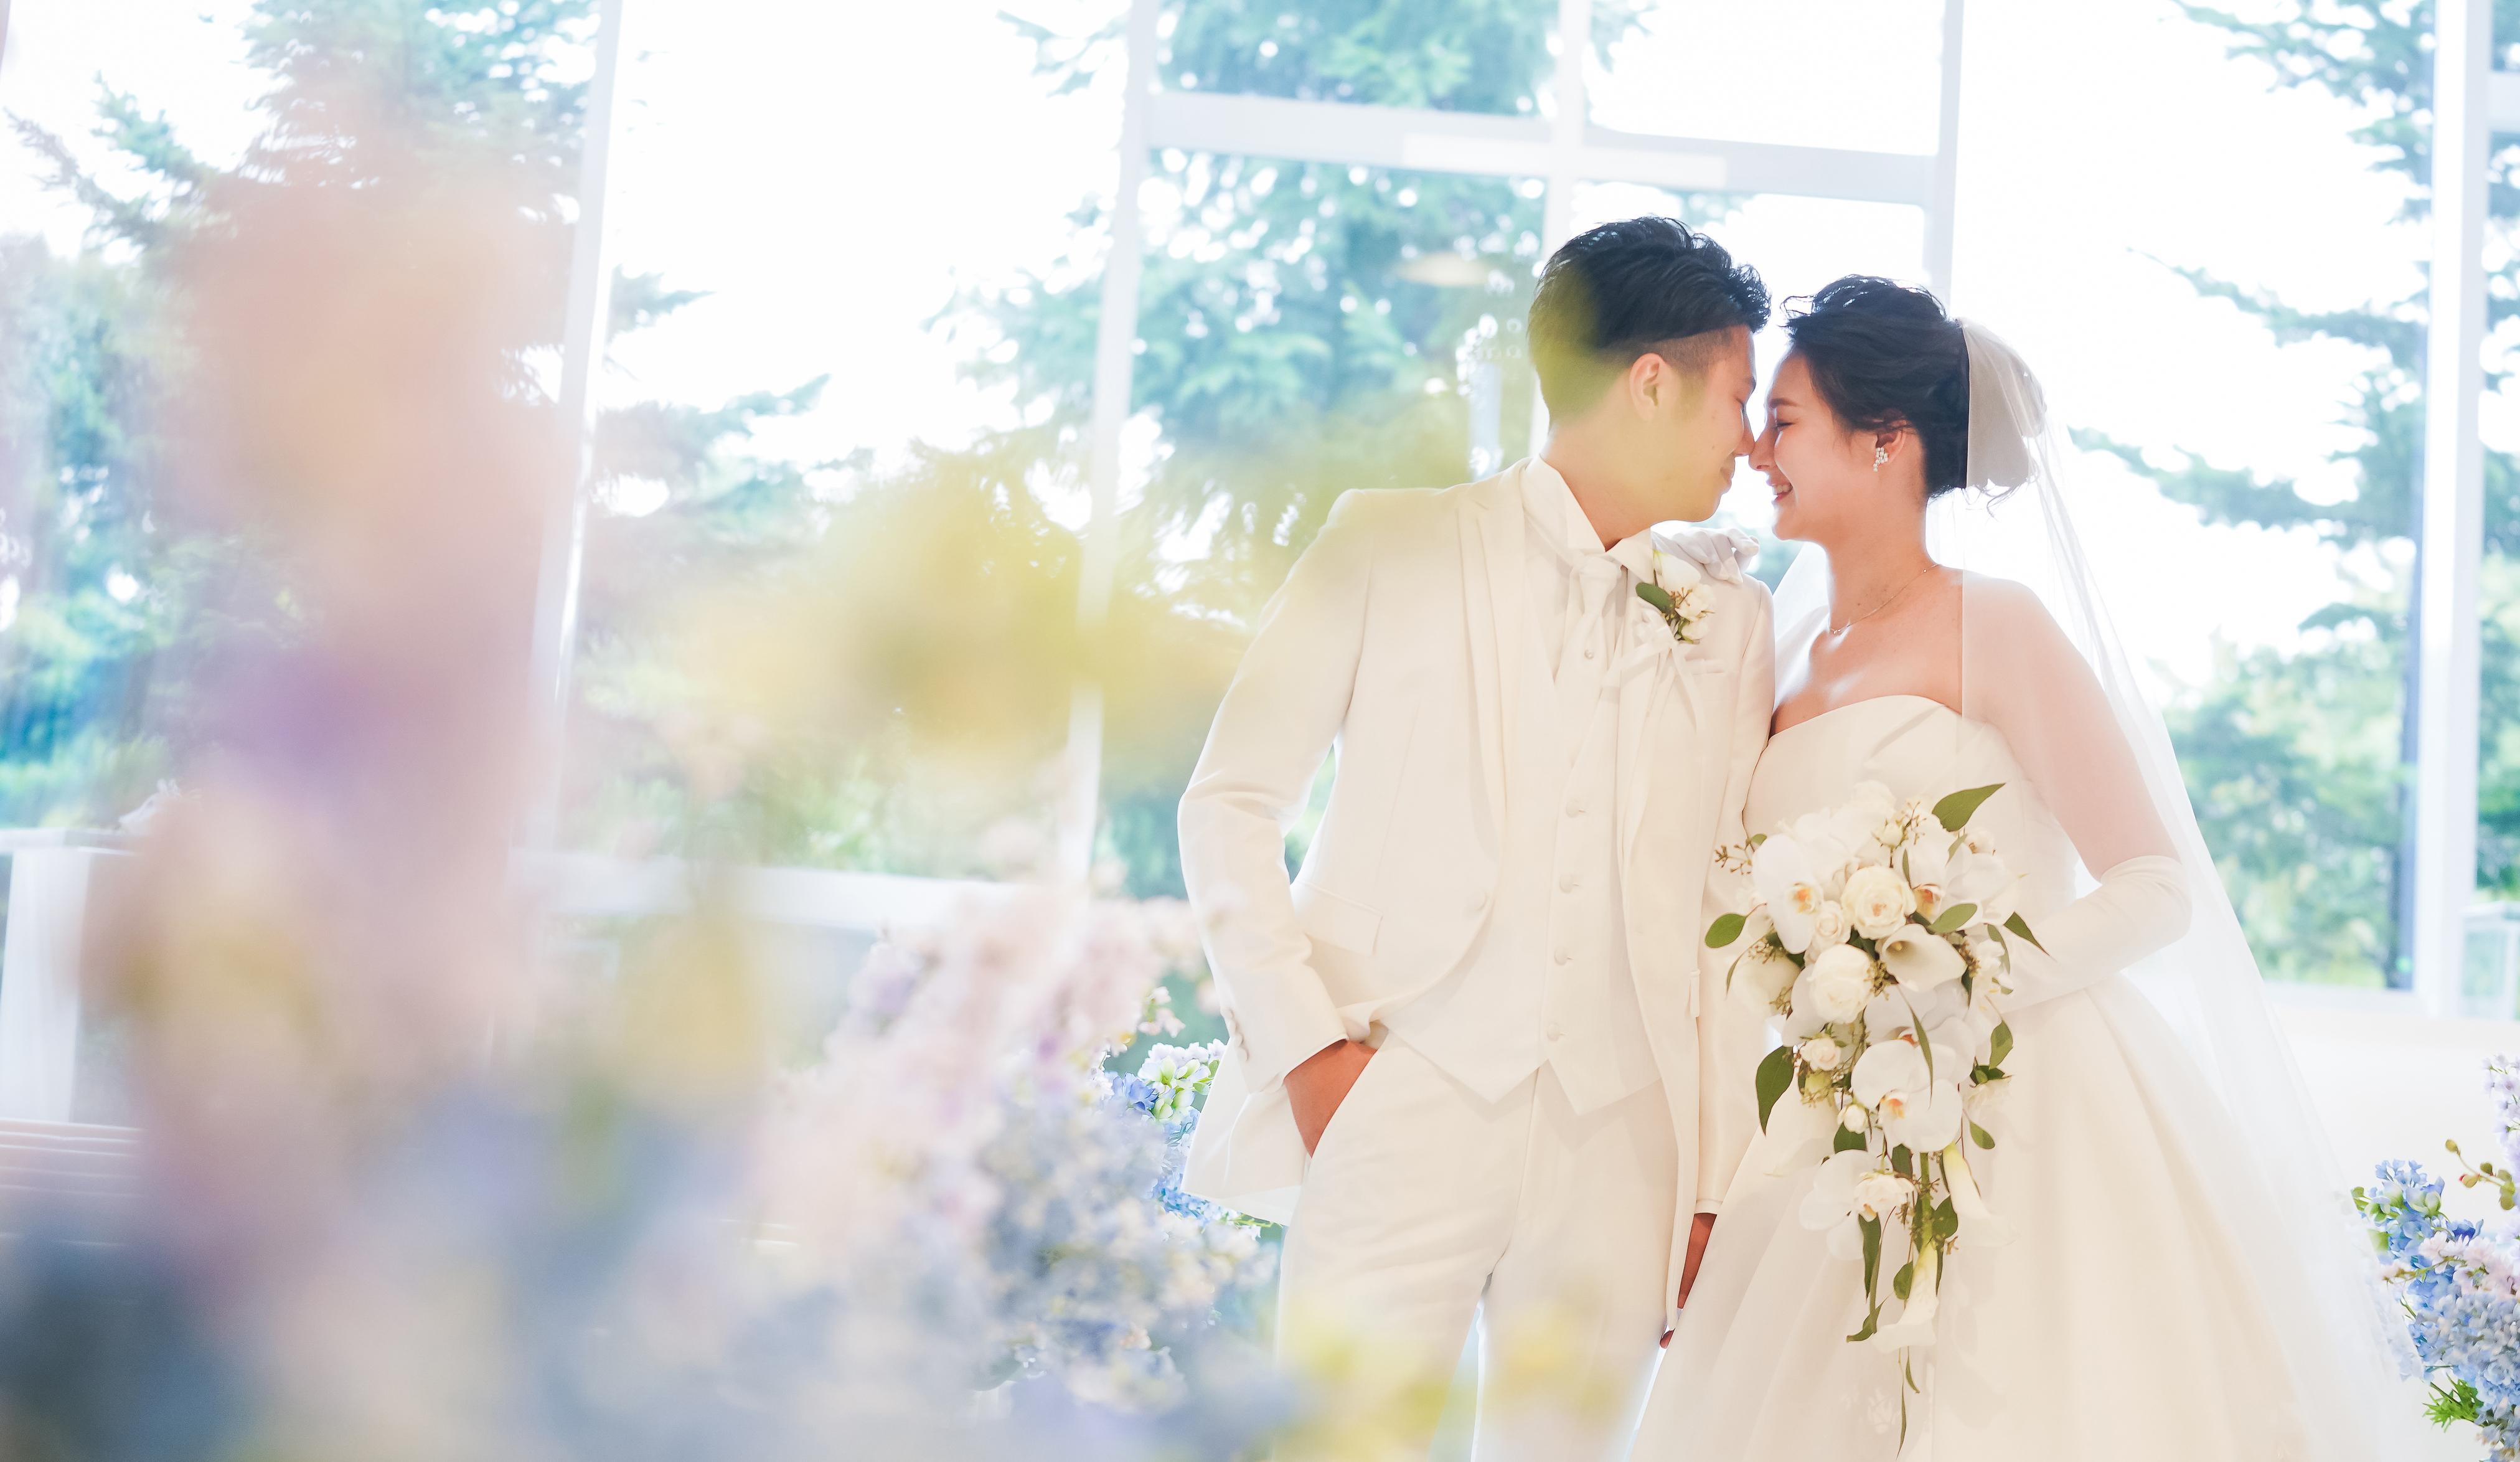 大人Weddingのレポート写真